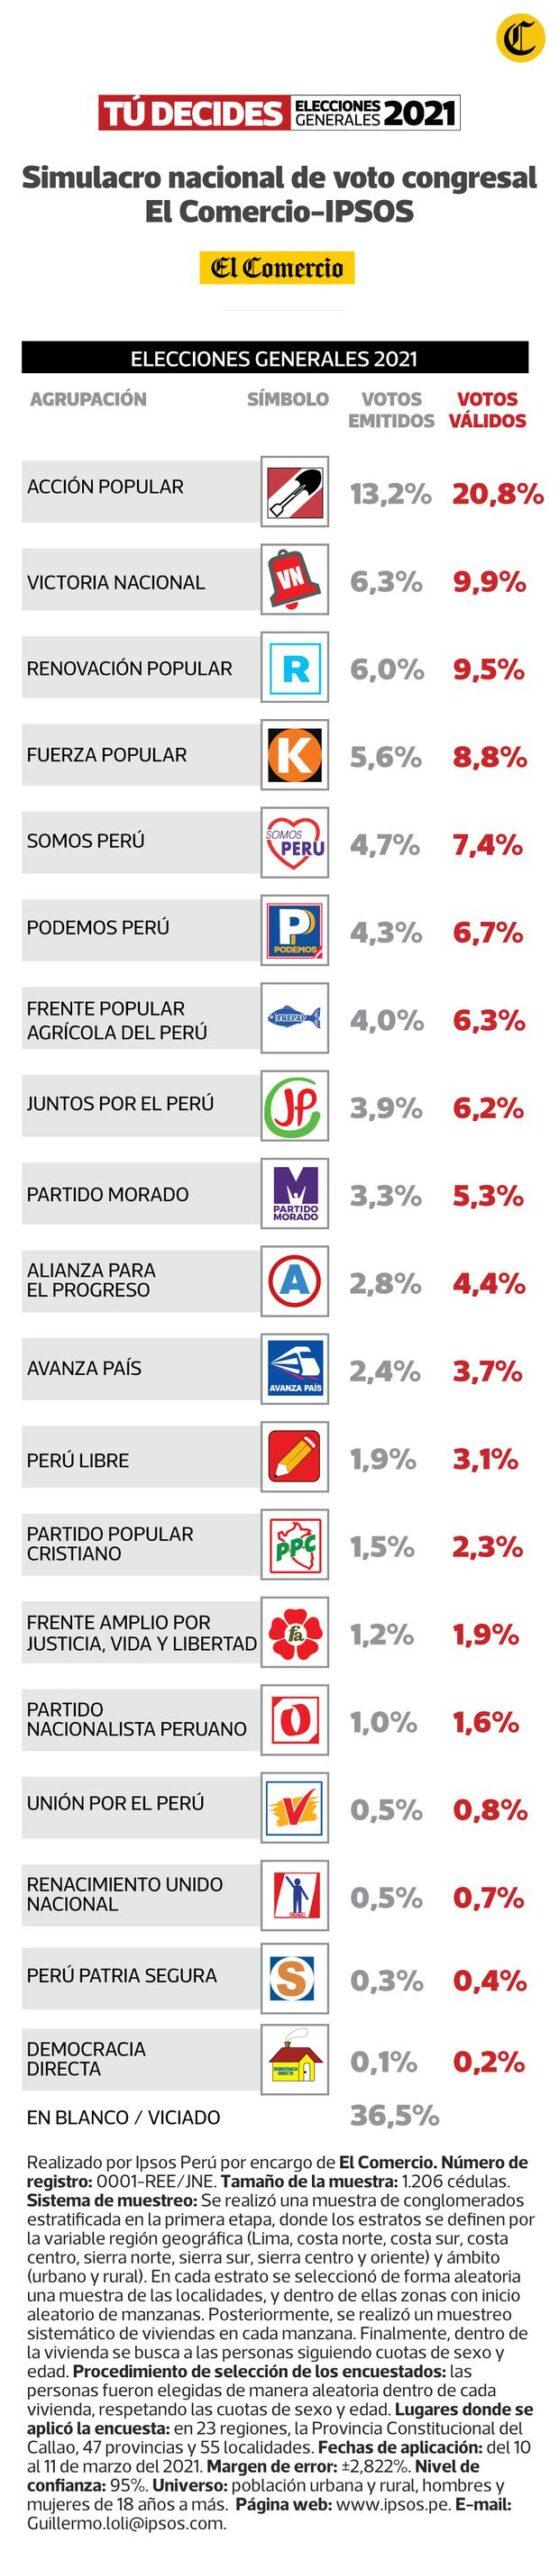 Encuesta IPSOS para el Congreso (Fuente: El Comercio).